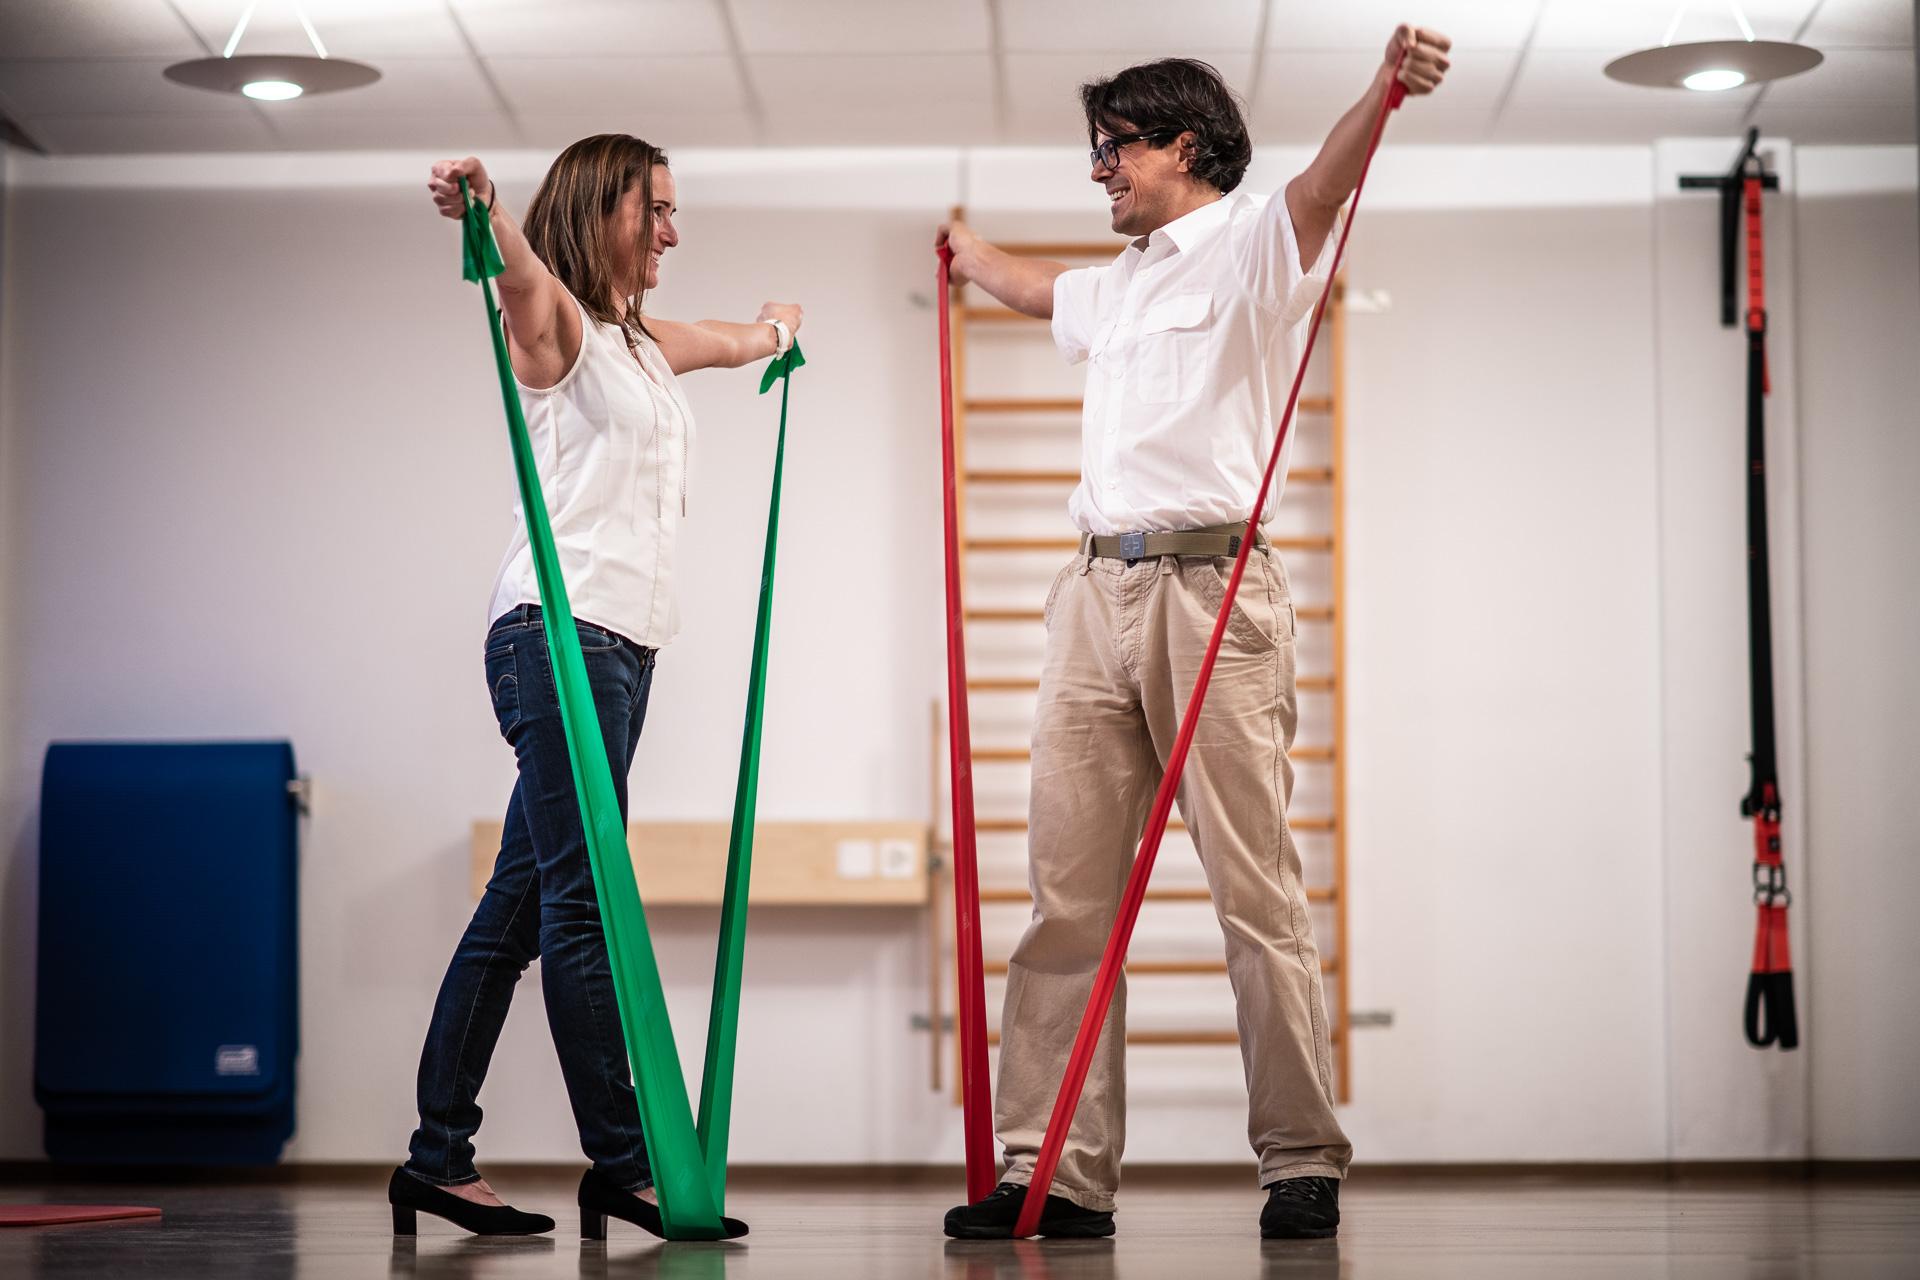 Frau Und Mann Trainieren In Arbeitskleidung